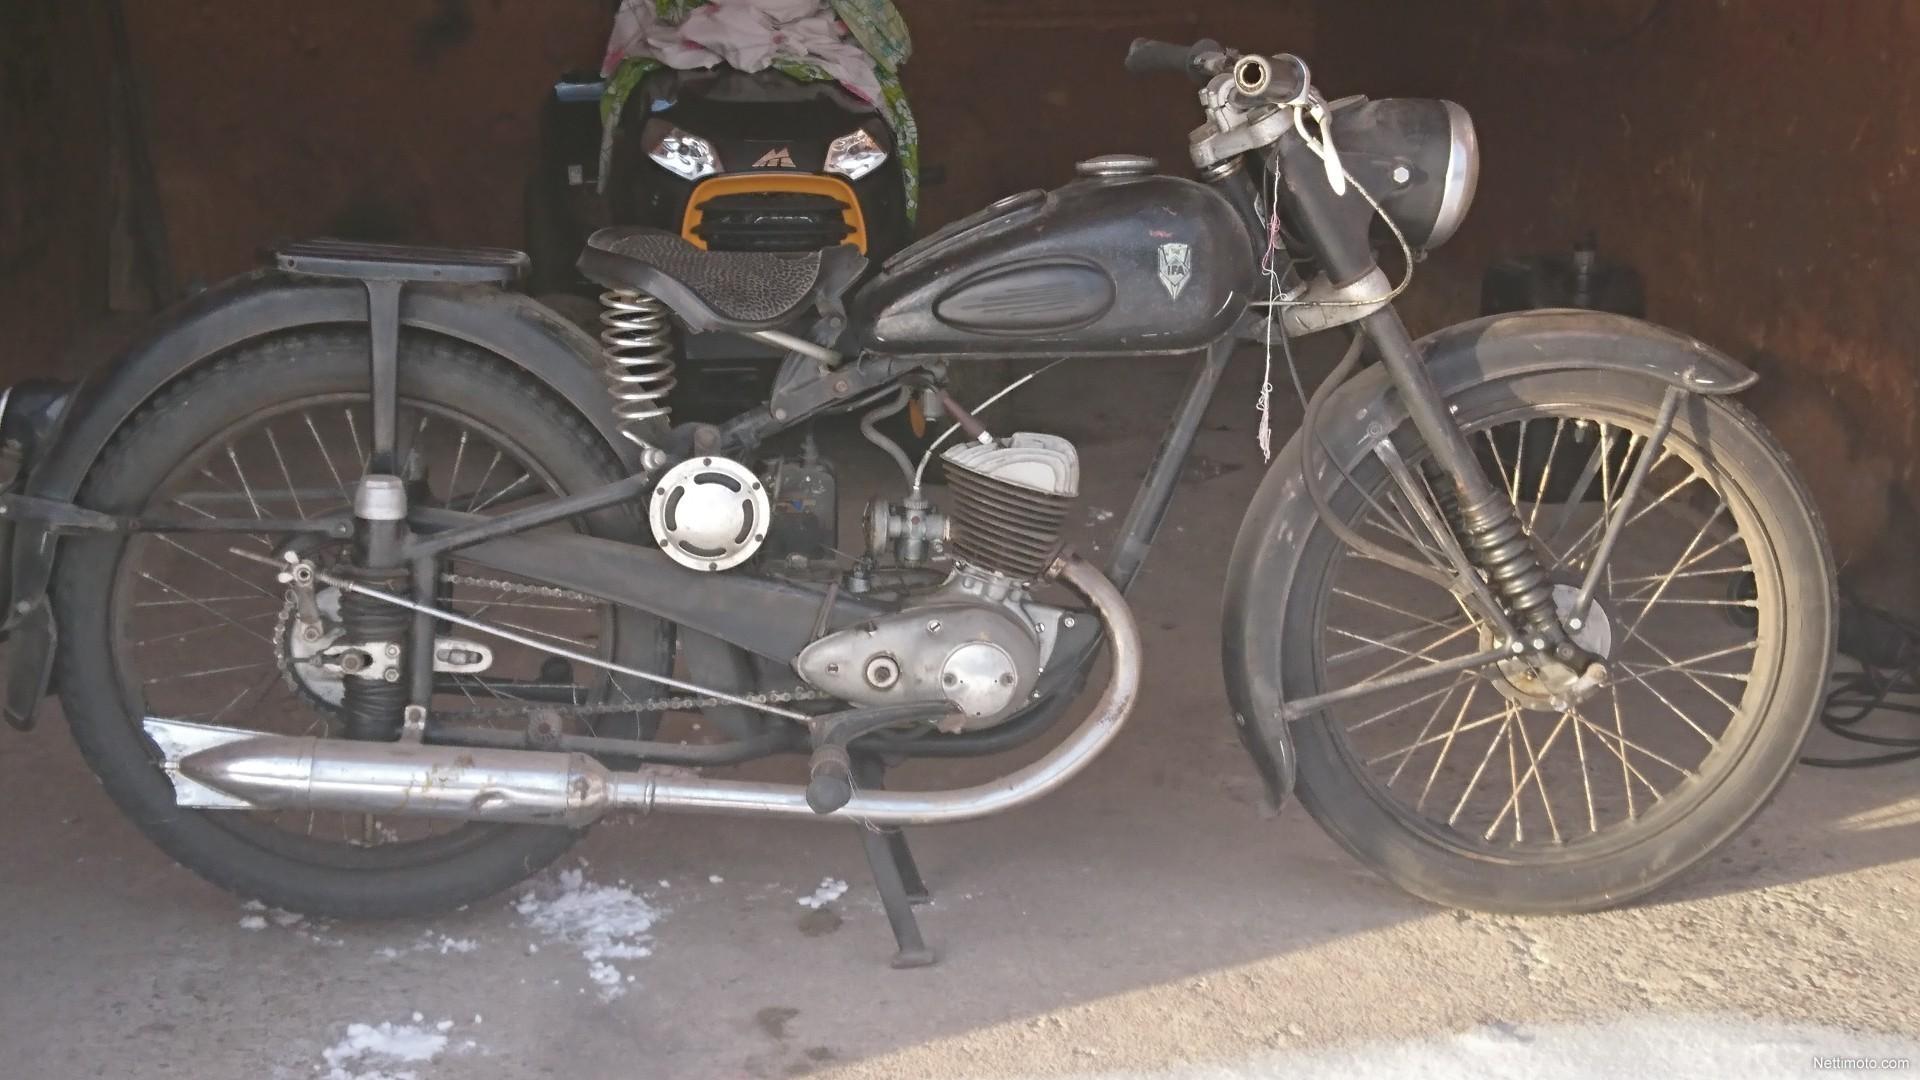 Ifa - Ifa Dkw 125 Rt 125 Cm U00b3 1951